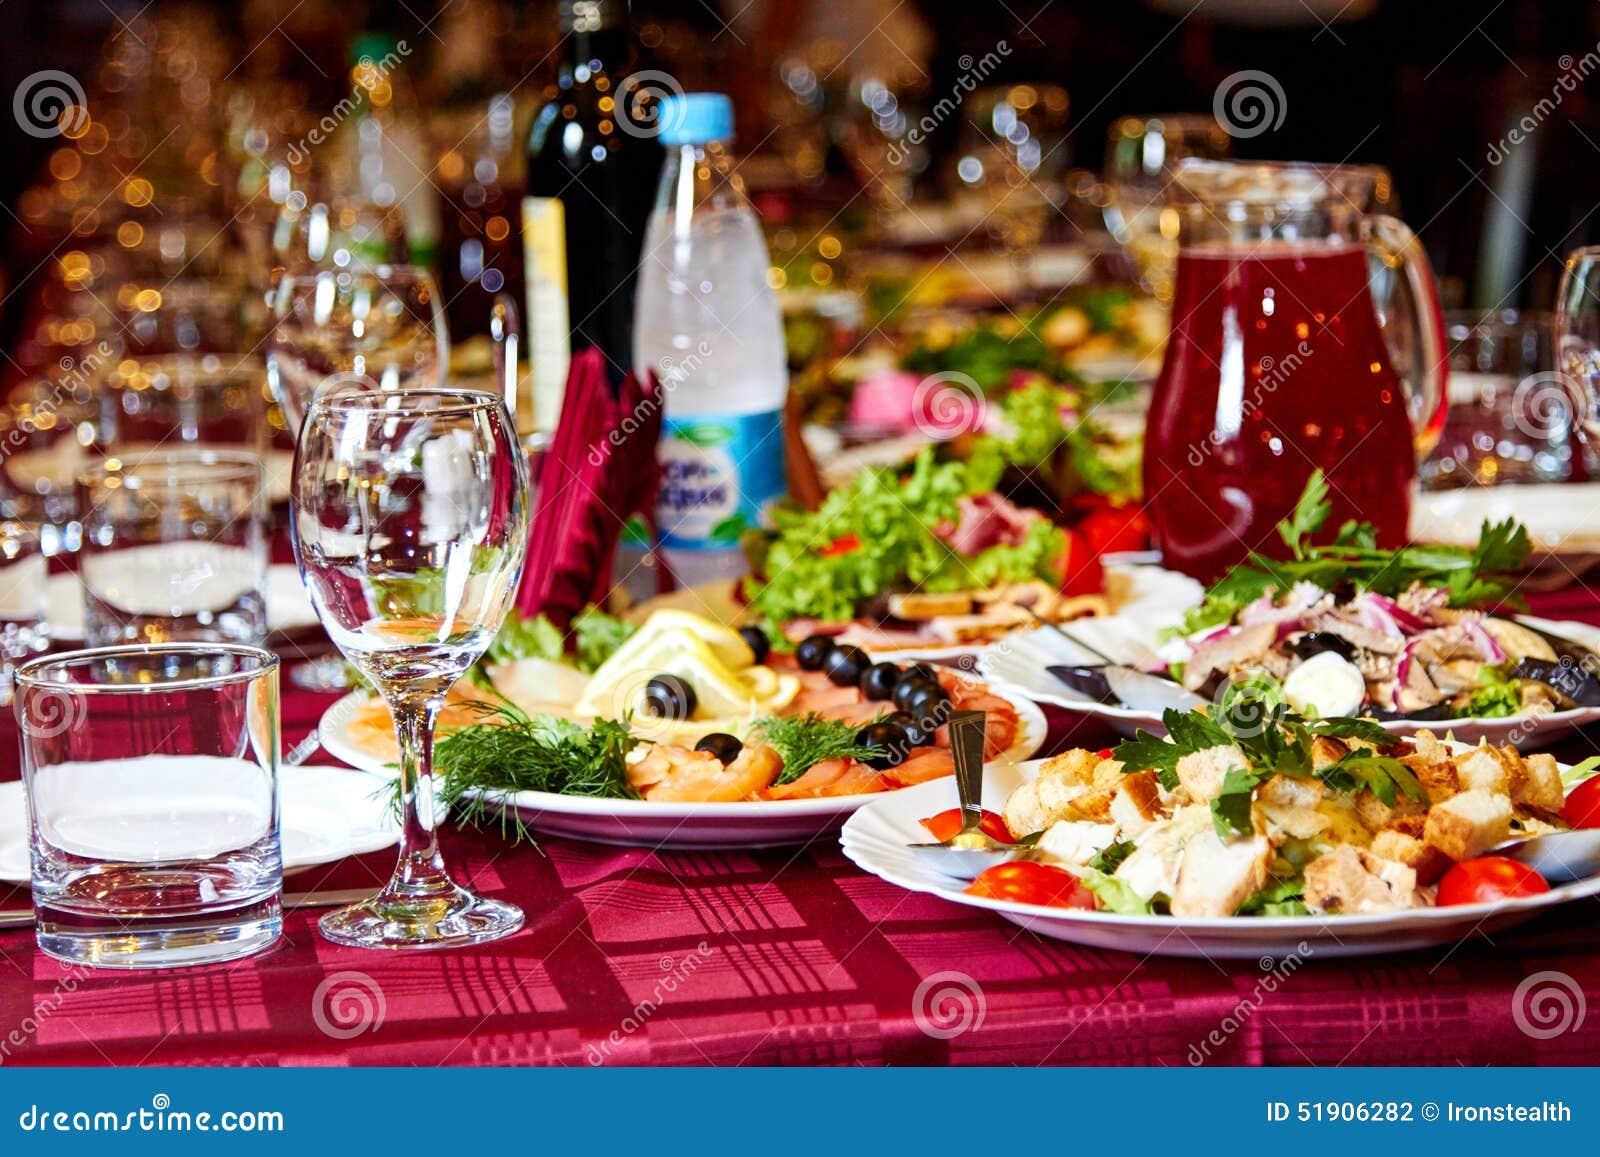 faites la fte la table avec de l alcool la nourriture et les boissons 51906282